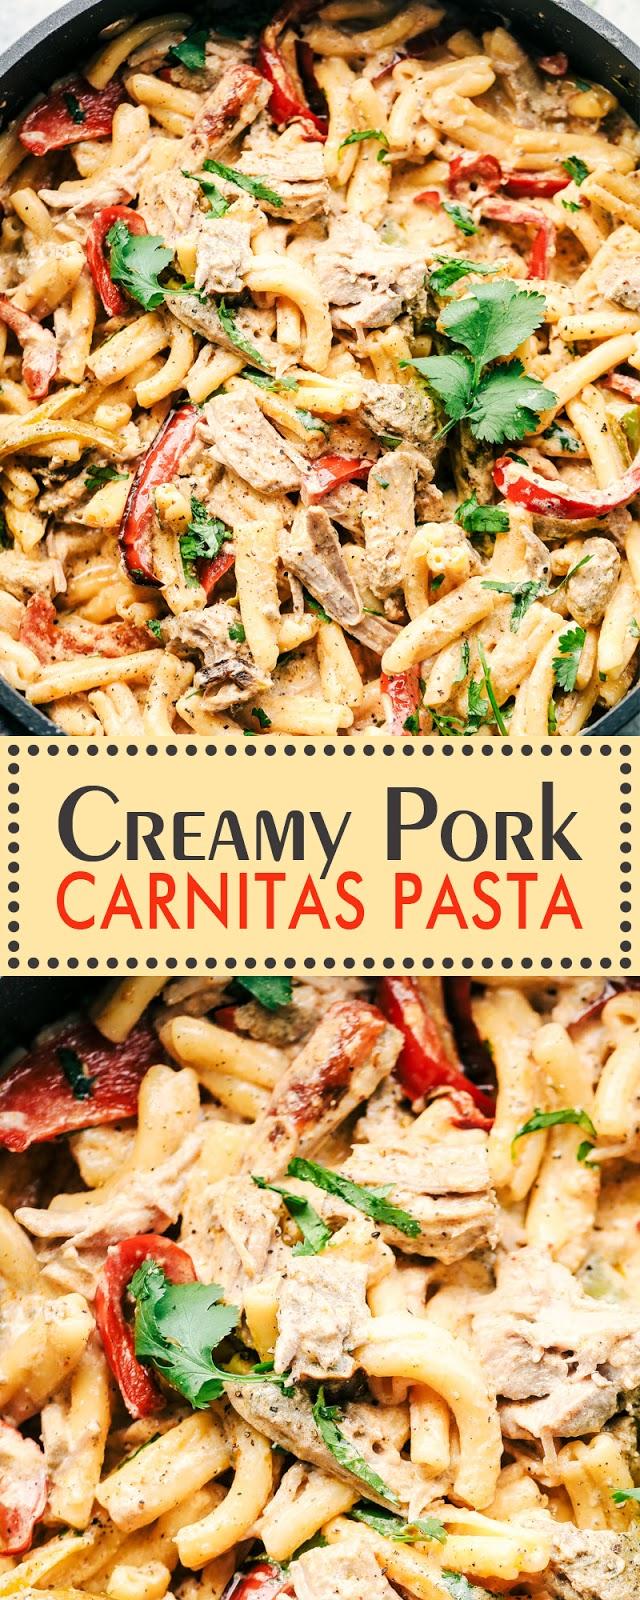 CREAMY PORK CARNITAS PASTA